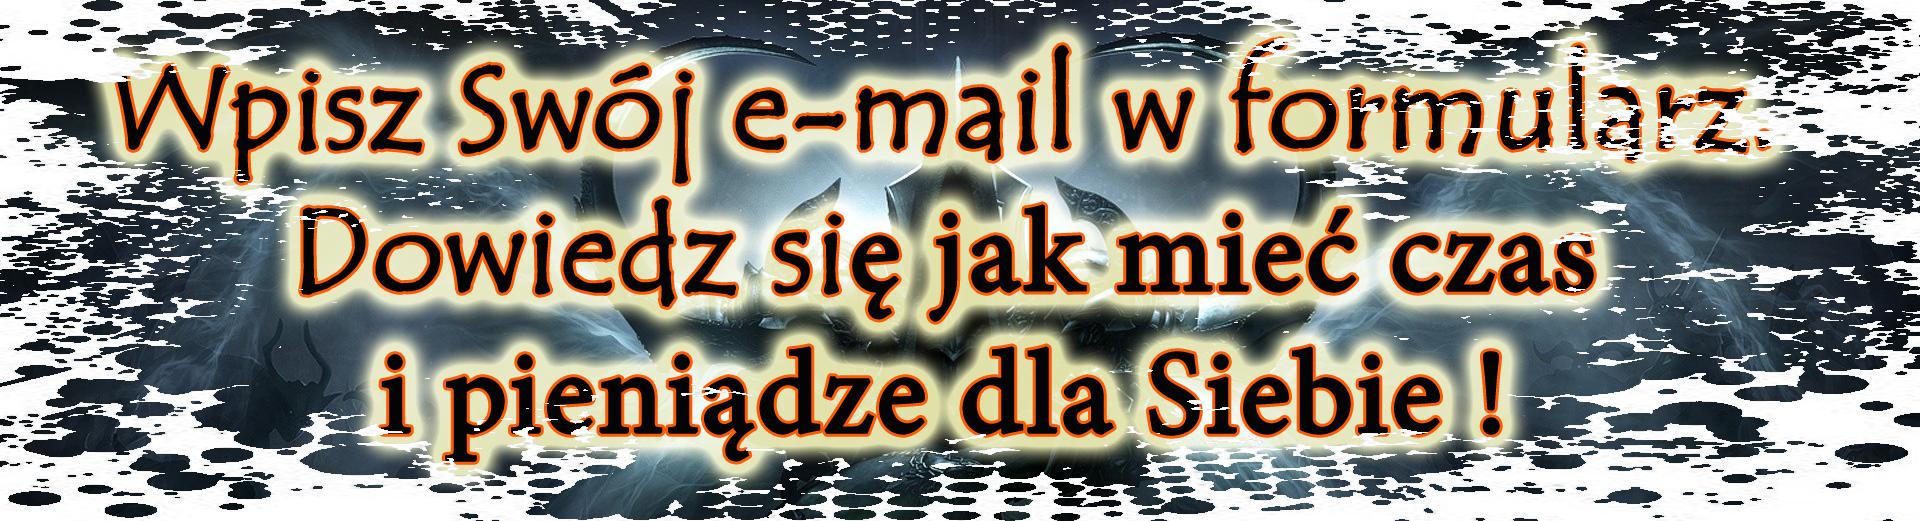 Diablo3tekst